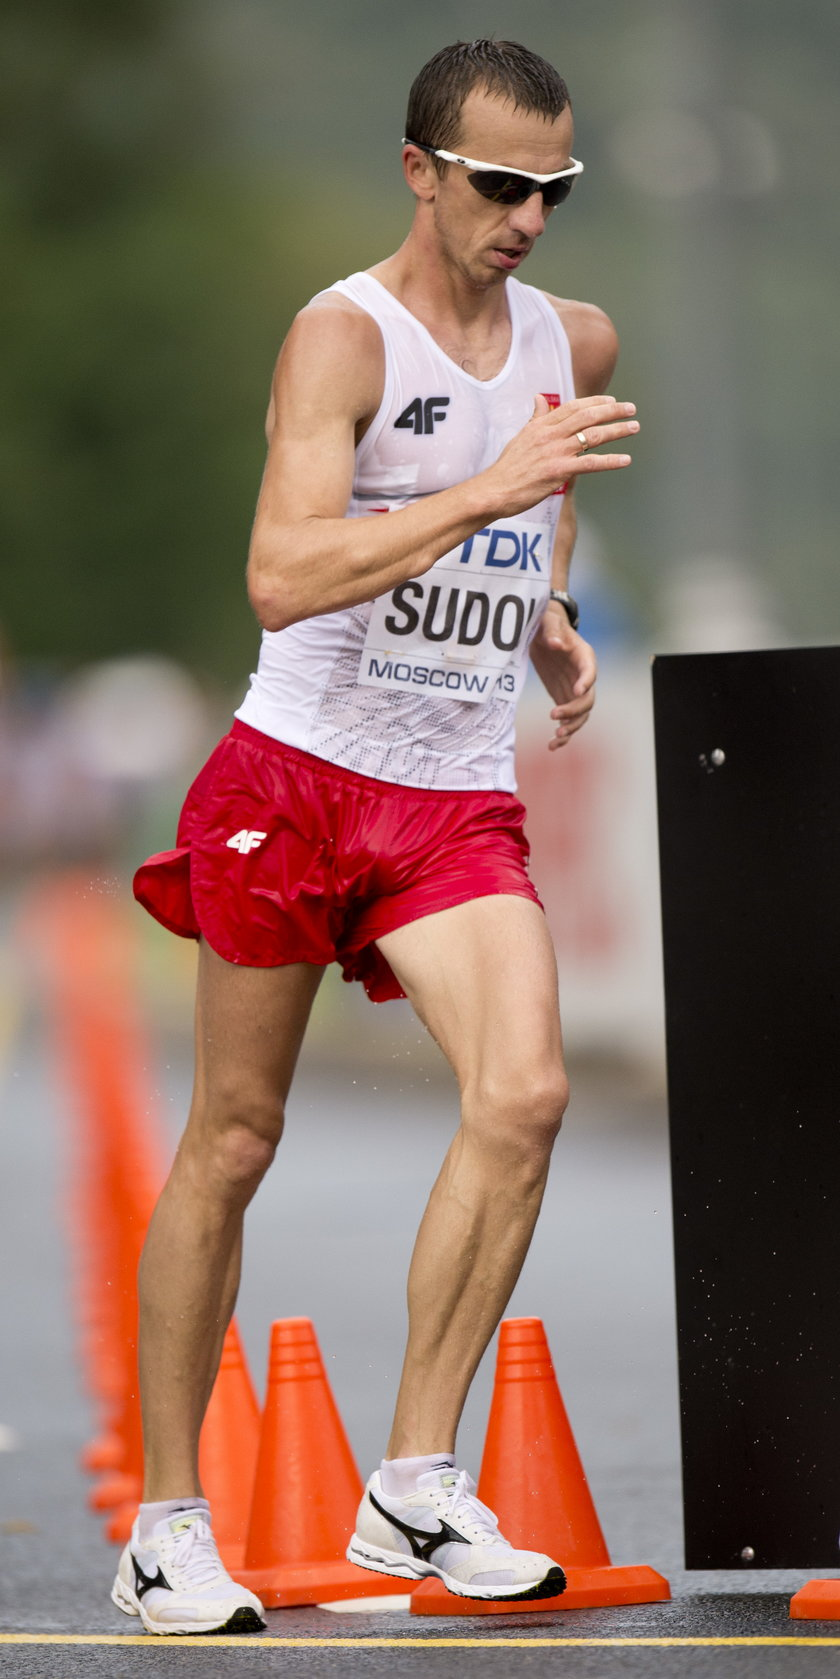 Grzegorz Sudoł to jeden z najlepszych chodziarzy świata